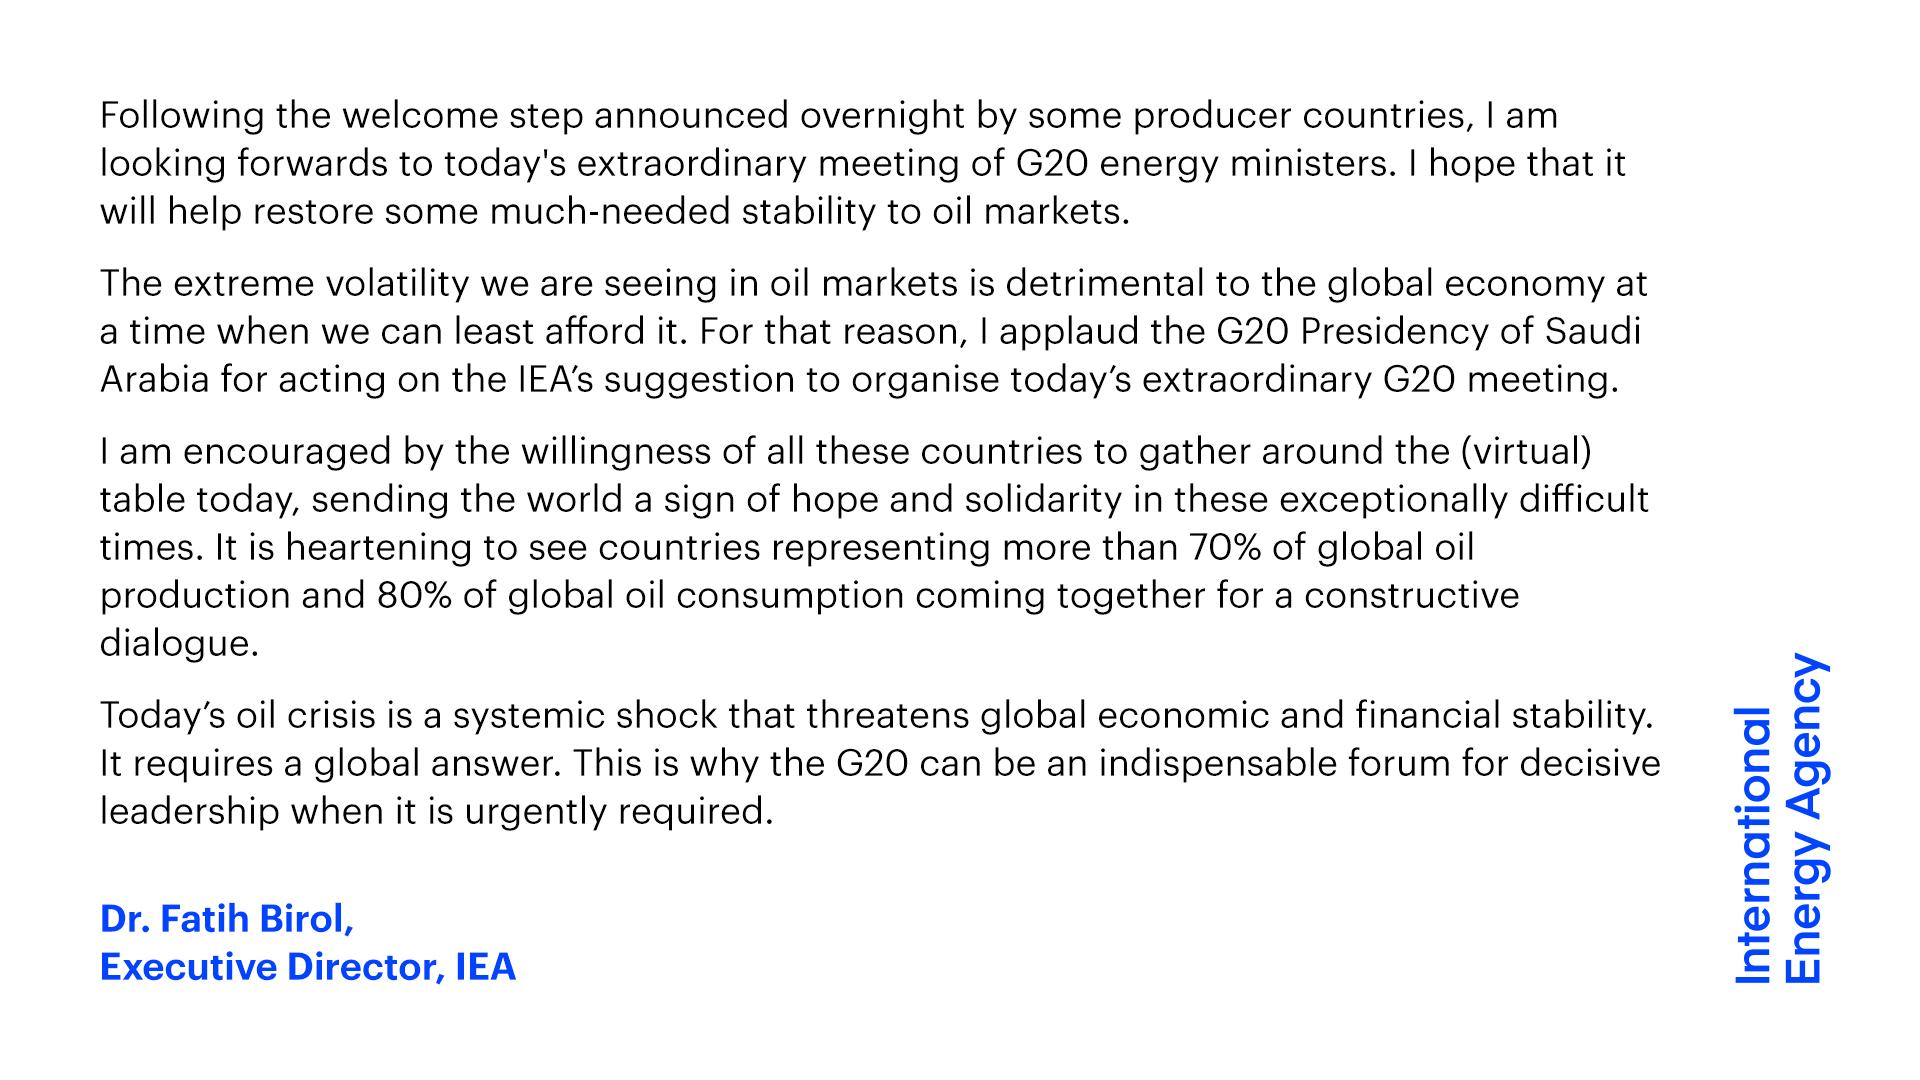 رد: البيان الرسمي النهائي لاتفاق أوبك مع الدول الآخرى